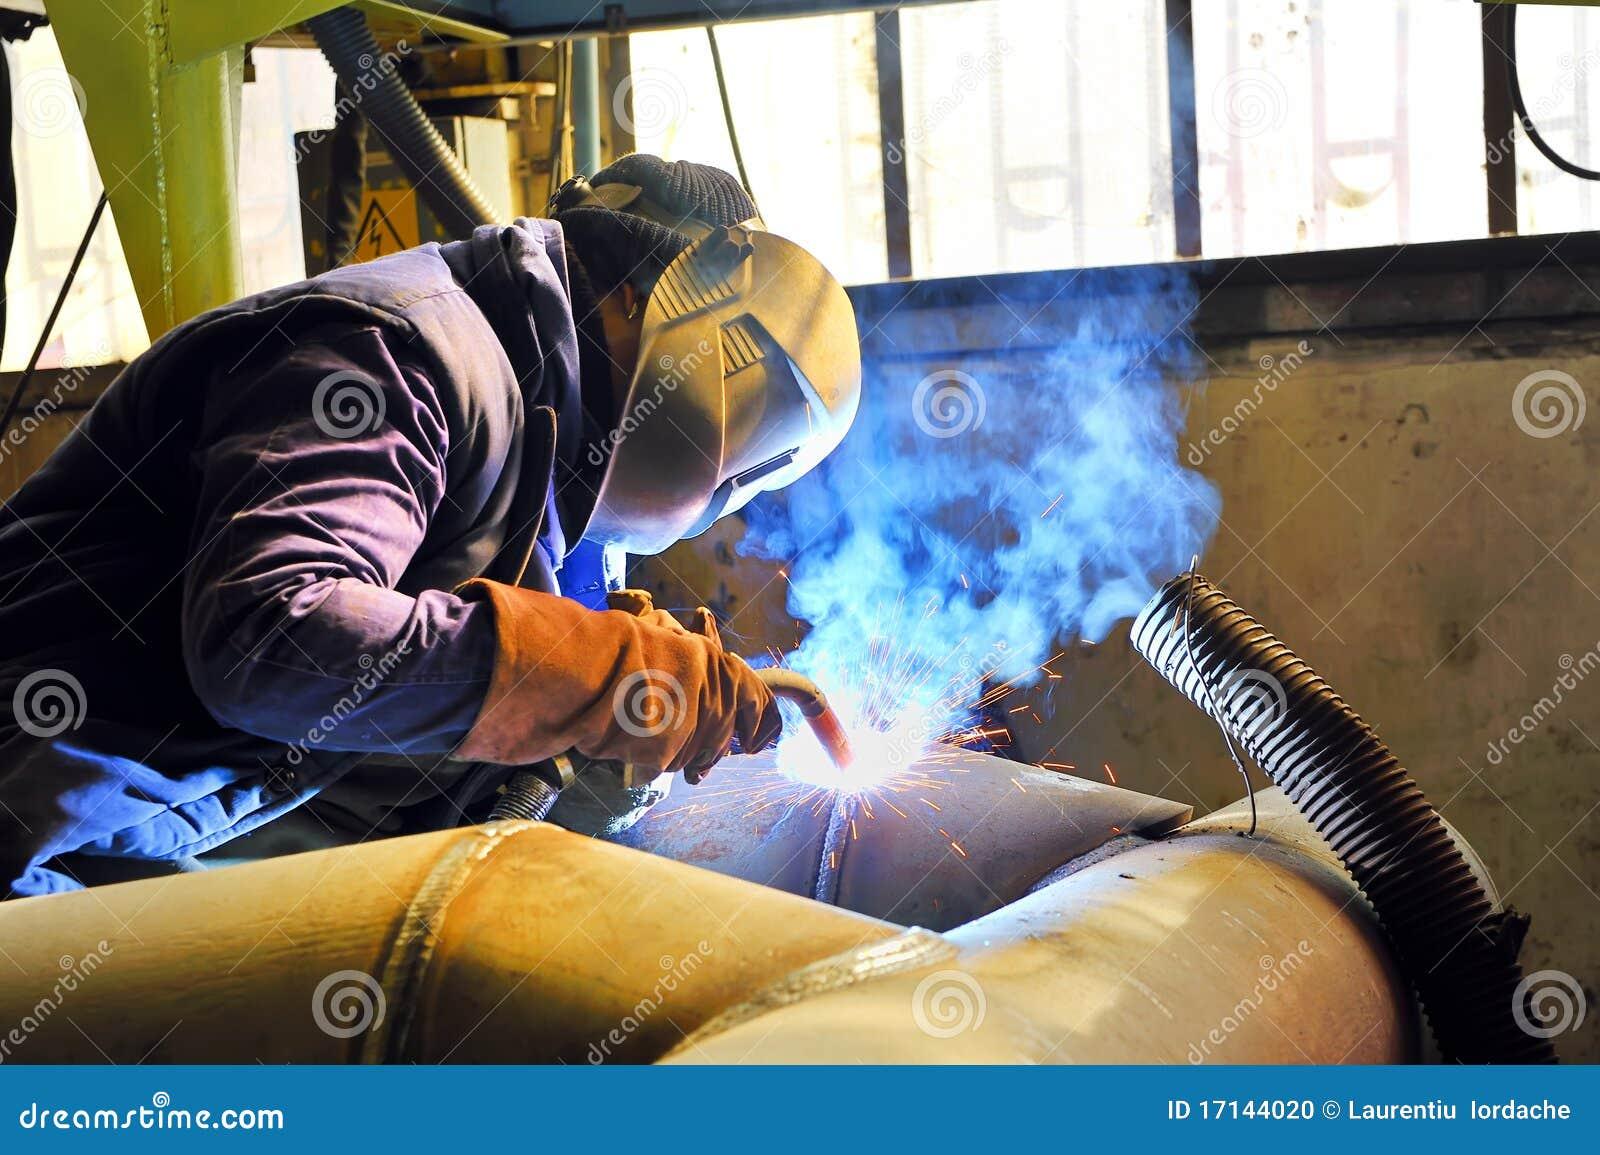 schweissen mit mig mag methode stockfoto bild 17144020. Black Bedroom Furniture Sets. Home Design Ideas